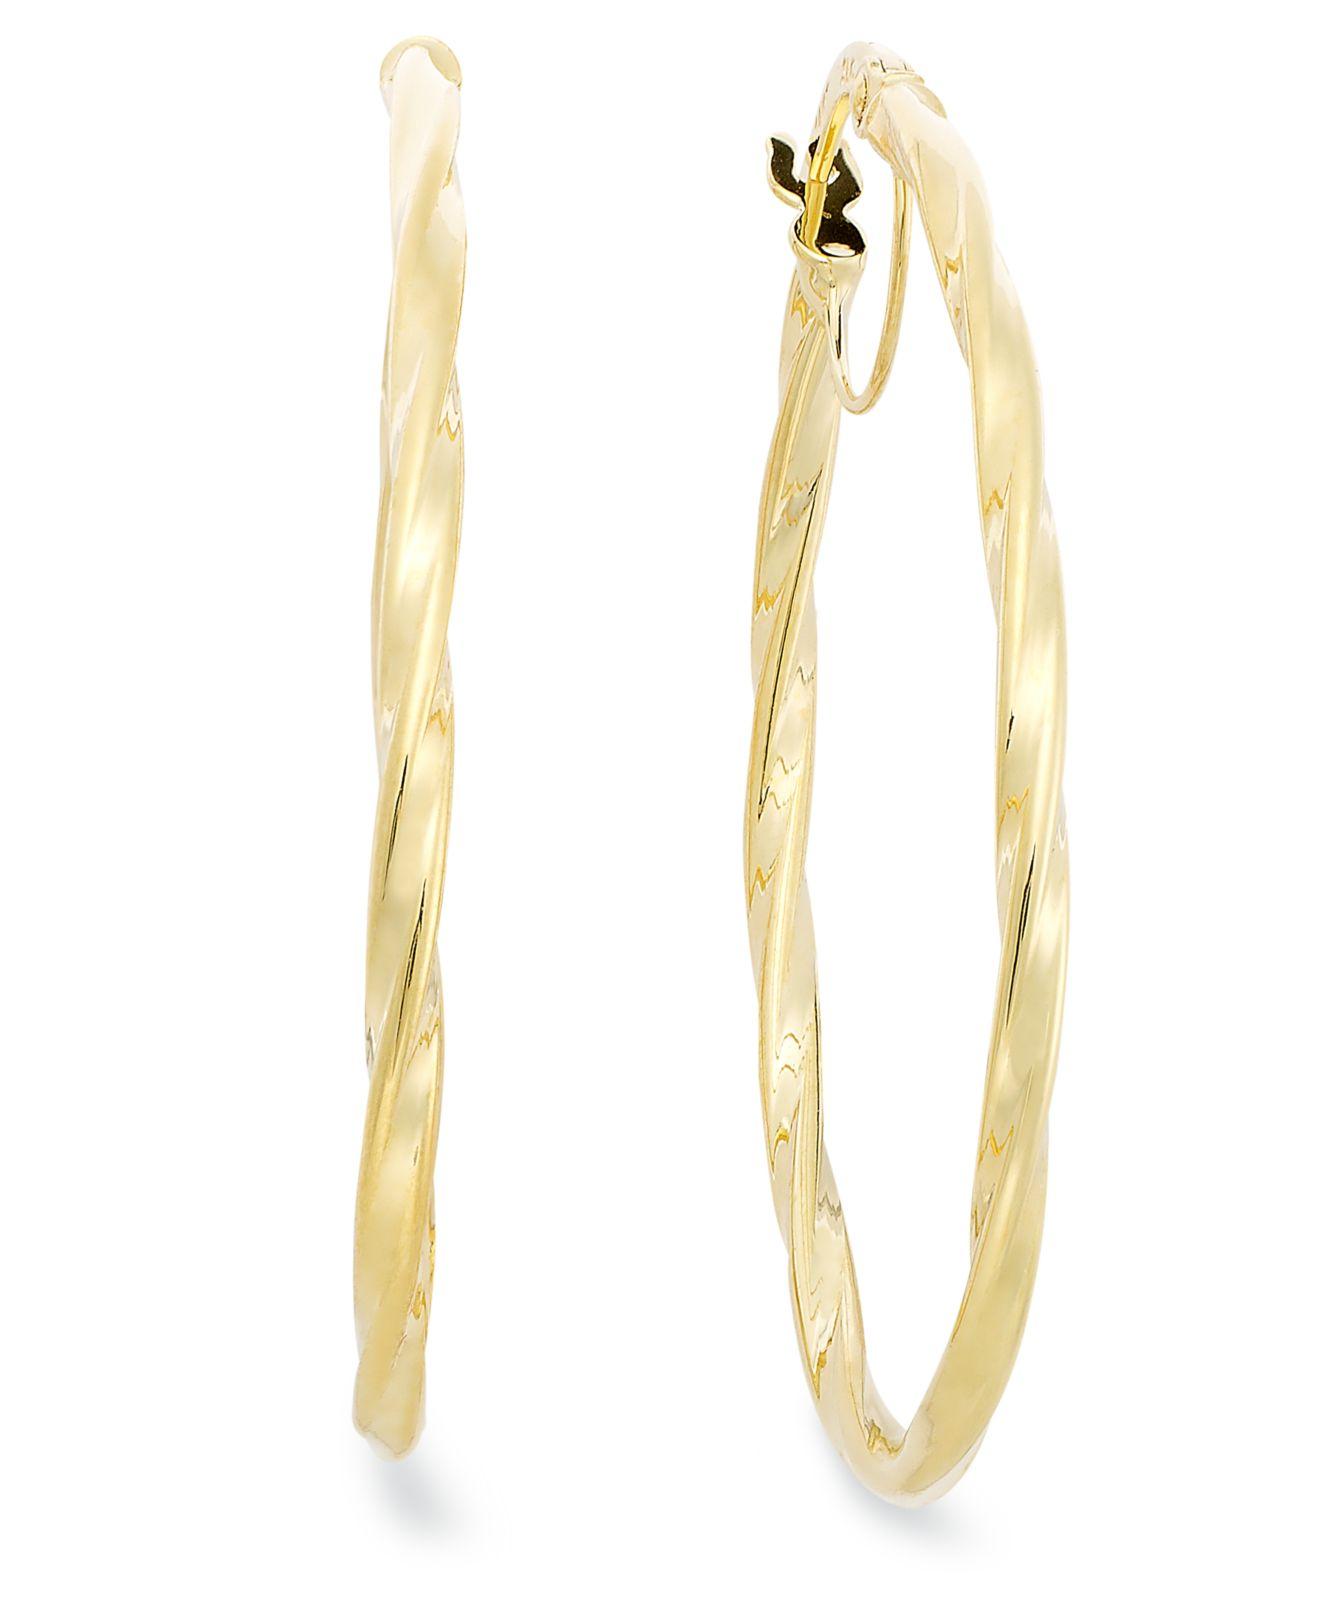 Lyst Macy S 14k Gold Earrings Oval Twist Hoop Earrings In Metallic